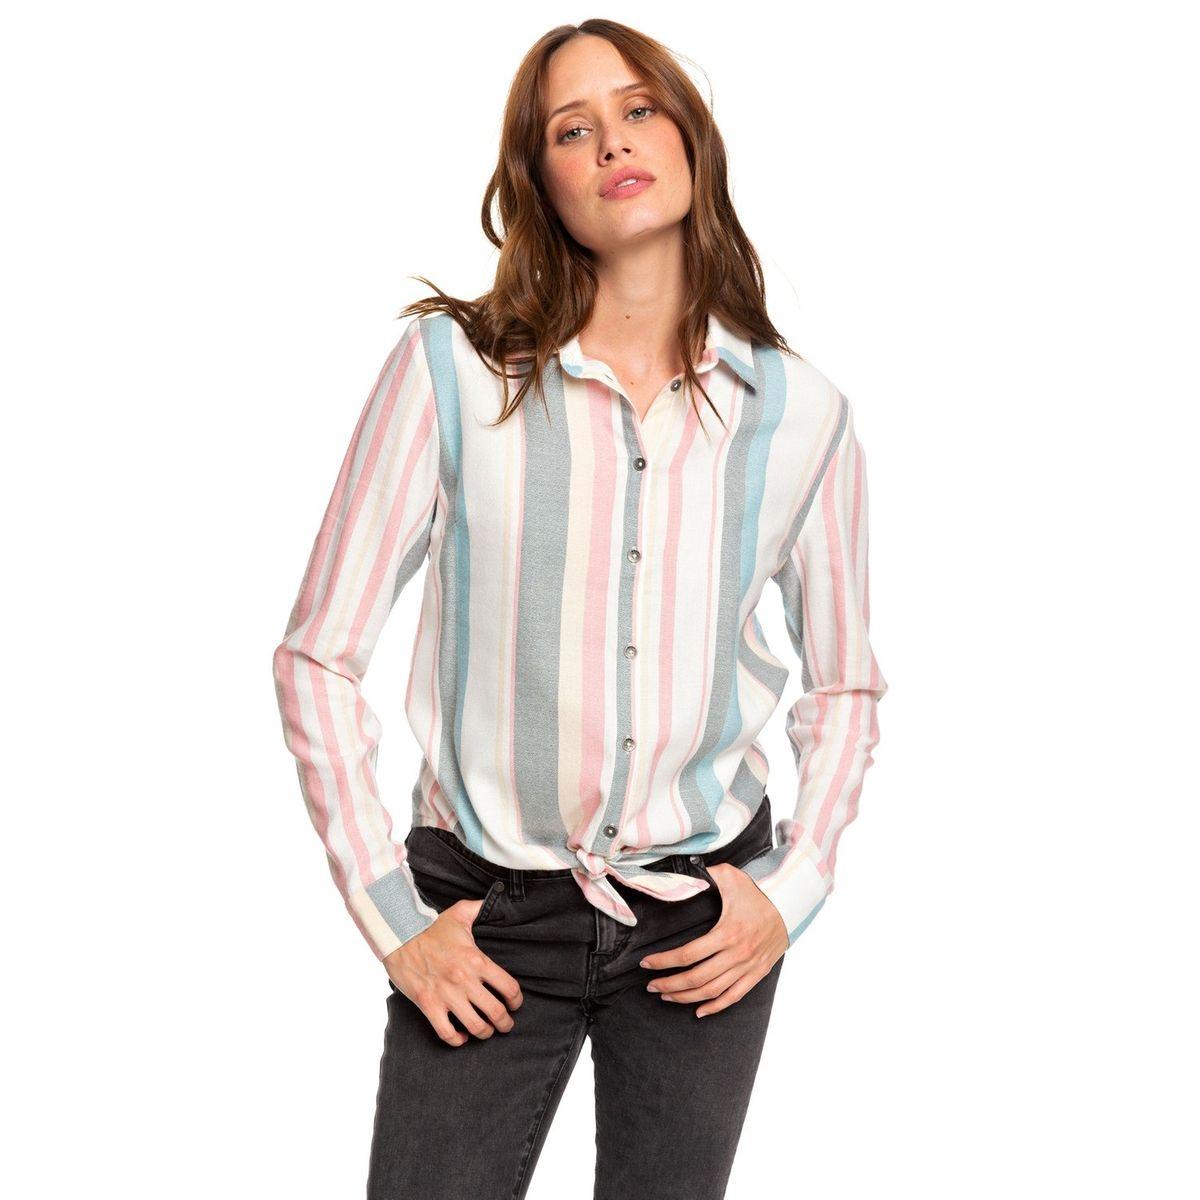 Chemise manches longues avec nœud sur le devant SUBURB VIBES